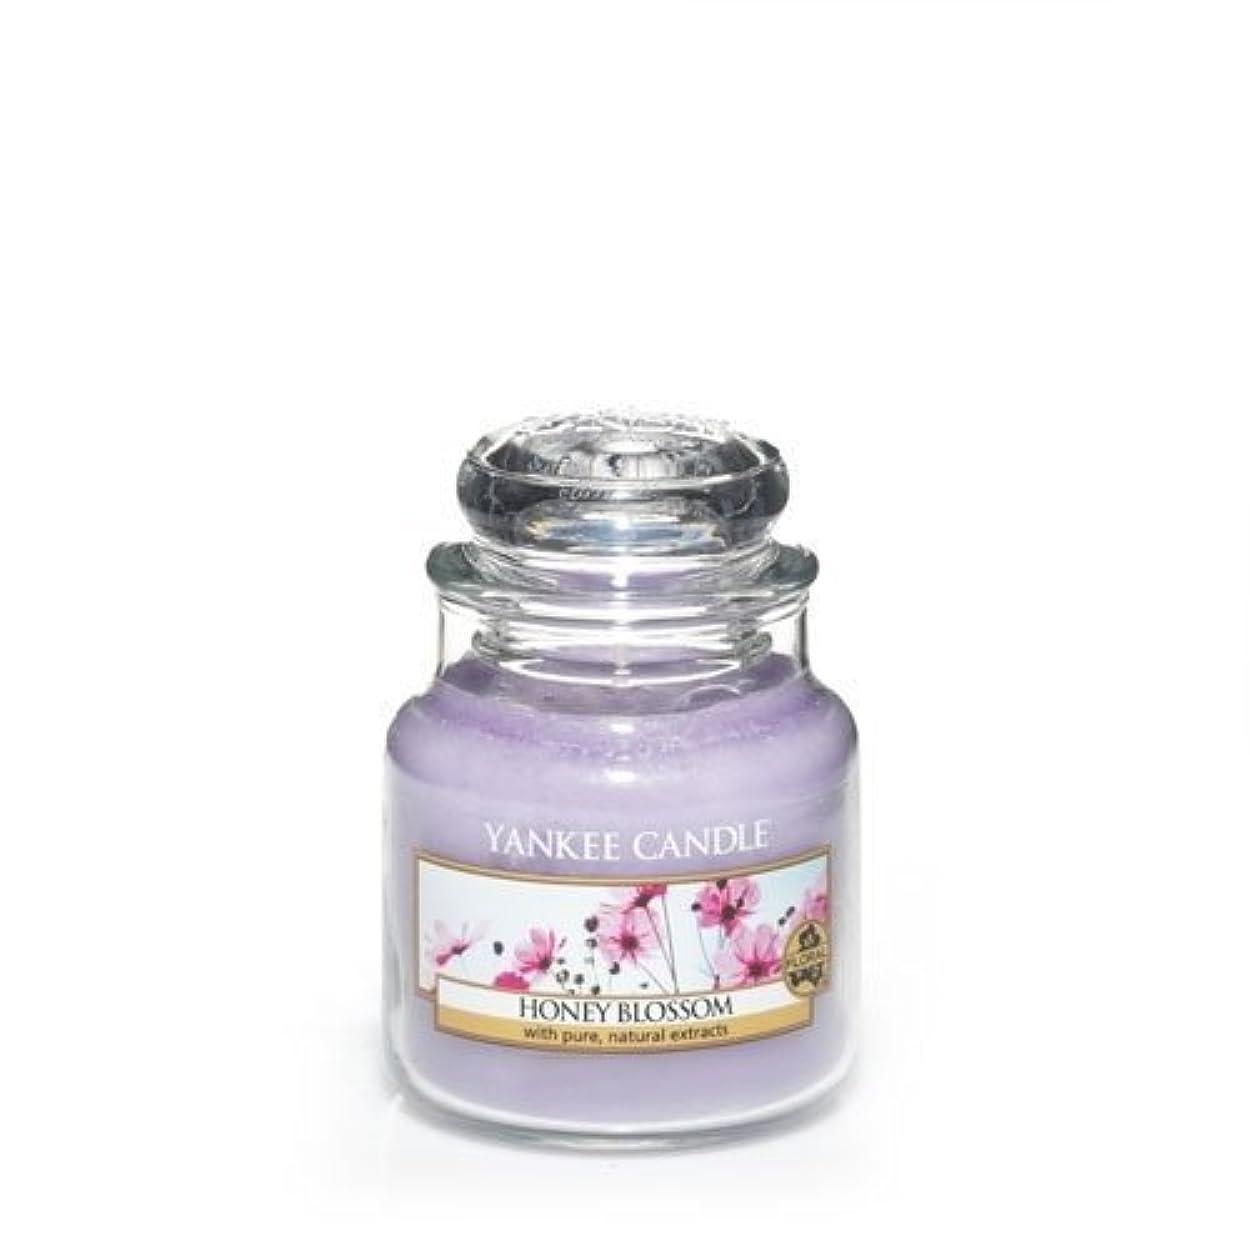 ティーンエイジャー非効率的な小康Yankee Candle Honey Blossom Small Jar Candle, Floral Scent by Yankee Candle [並行輸入品]